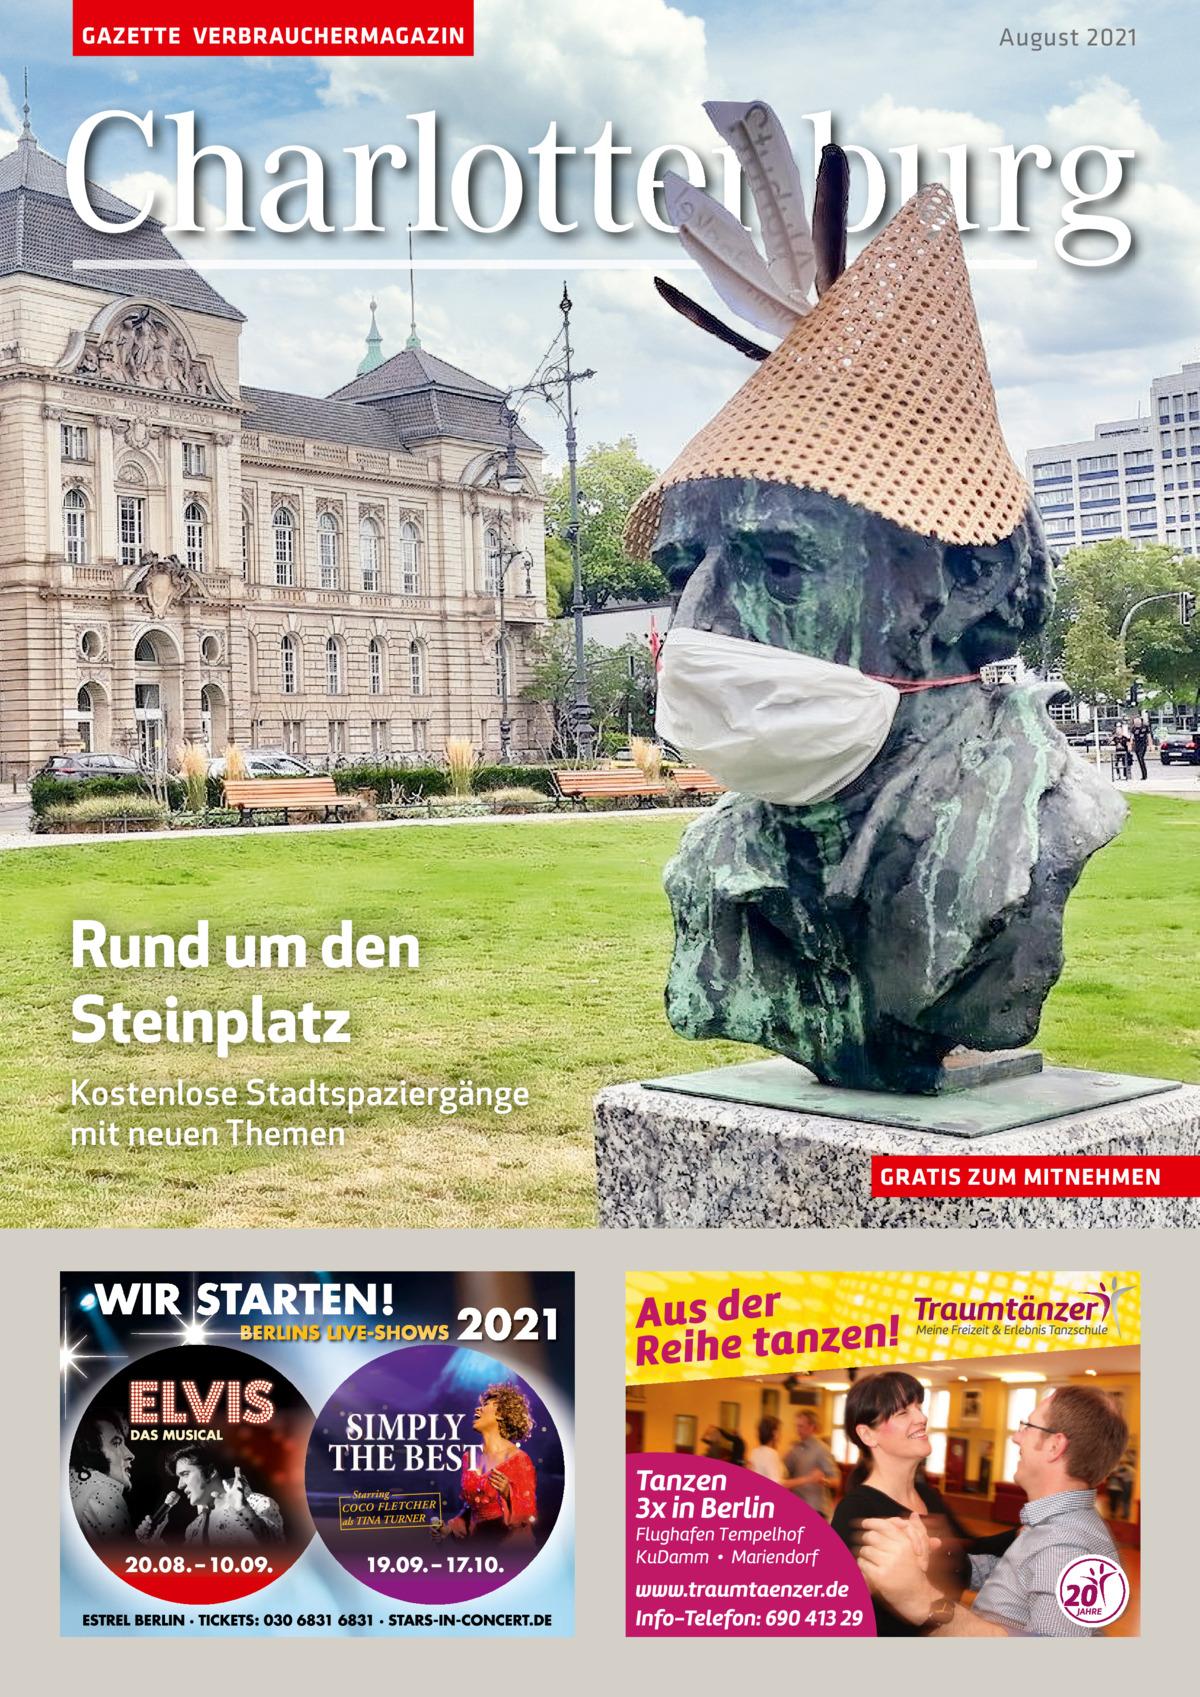 GAZETTE VERBRAUCHERMAGAZIN  August 2021  Charlottenburg  Rund um den Steinplatz Kostenlose Stadtspaziergänge mit neuen Themen GRATIS ZUM MITNEHMEN